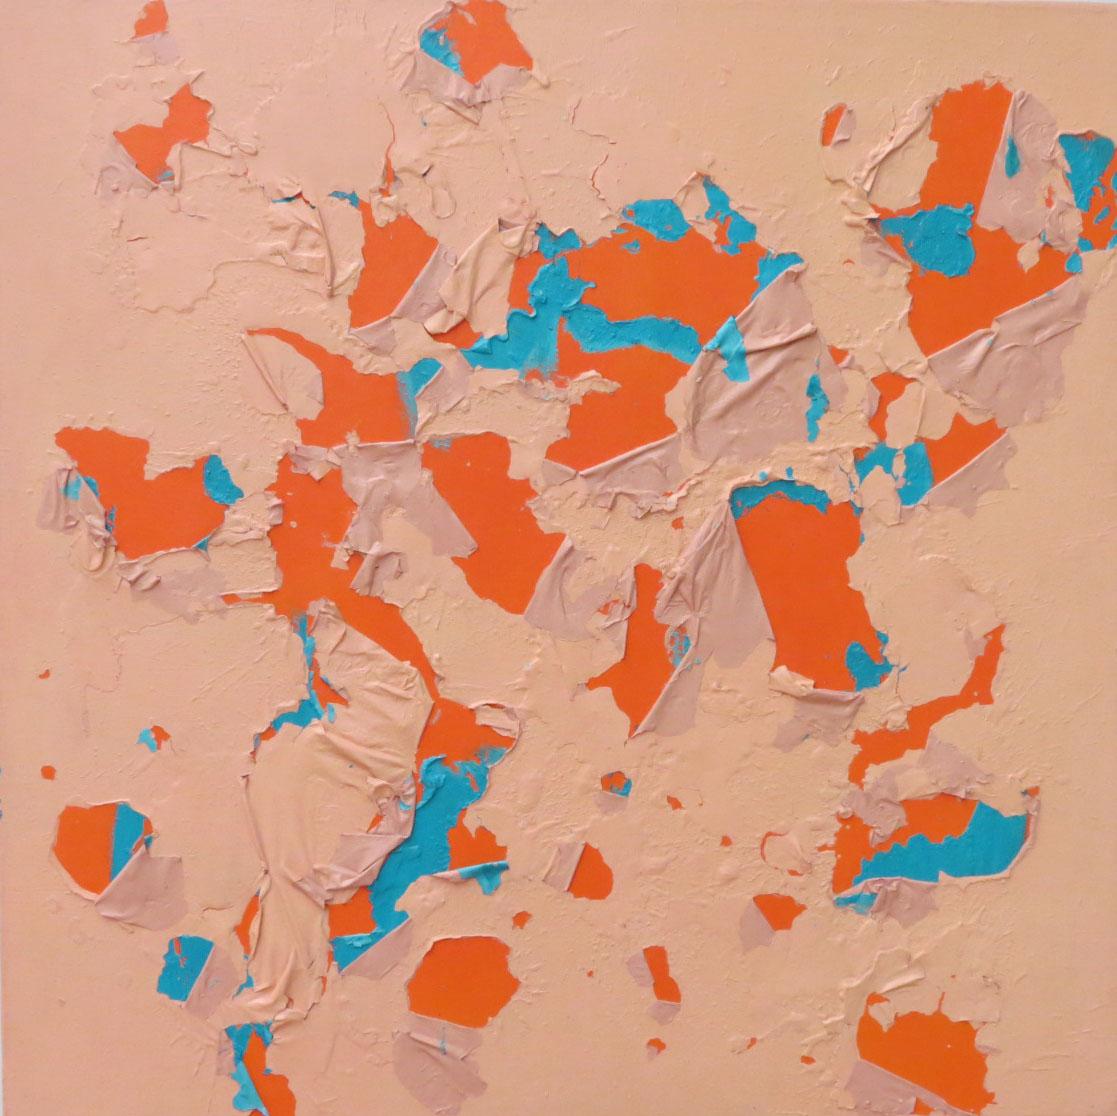 Sin título (2013) - Ivannia Lasso